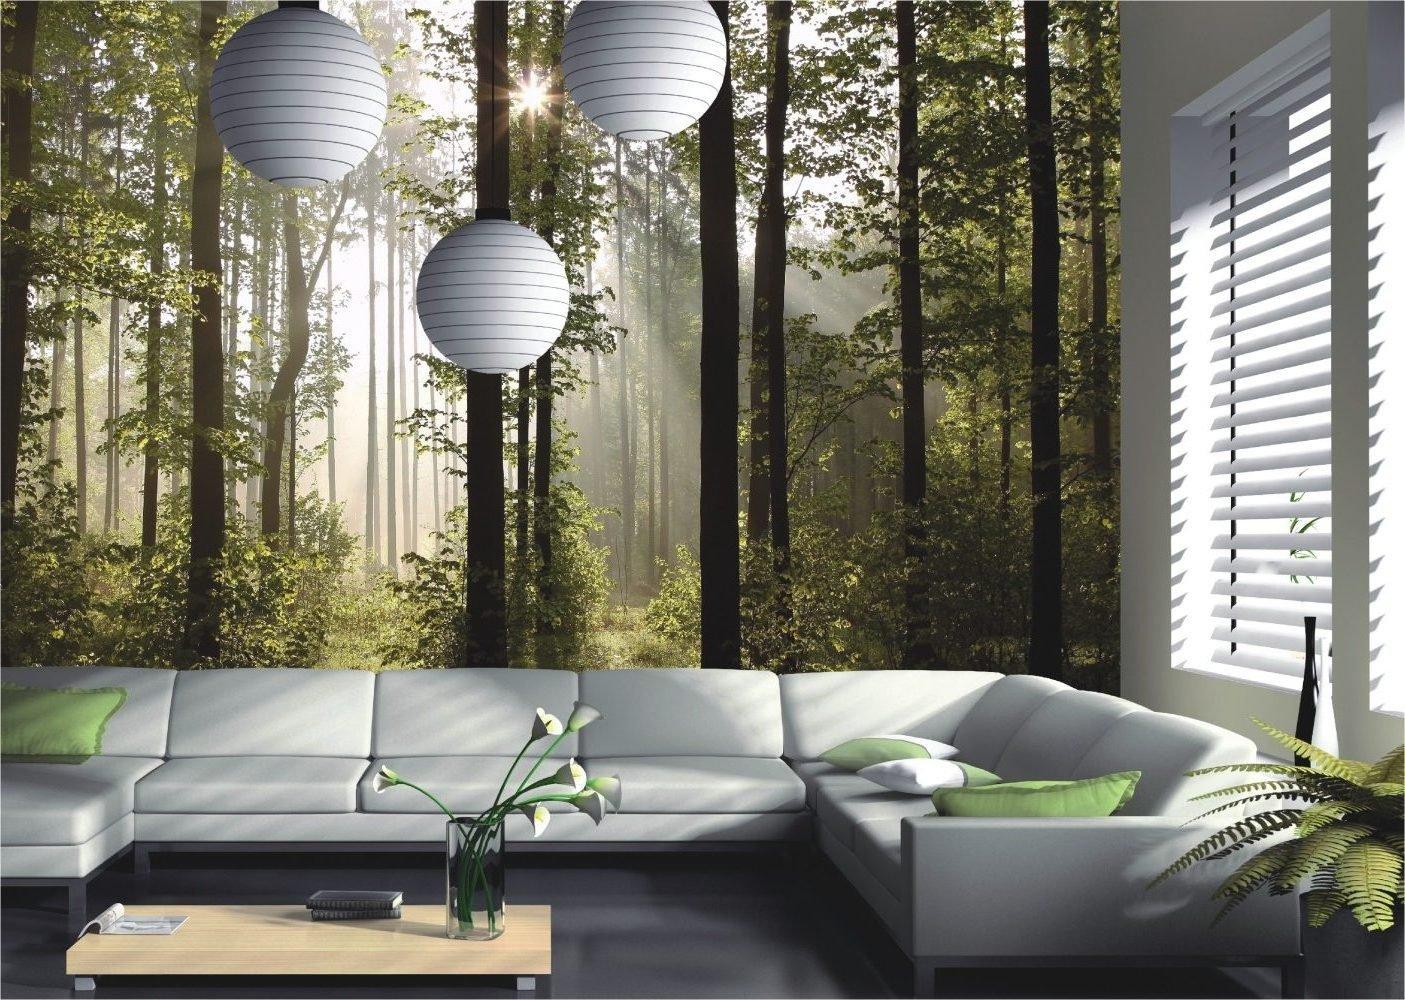 Fototapete - Inszenieren Sie einen verwunschenen Ort in Ihrem Wohnzimmer